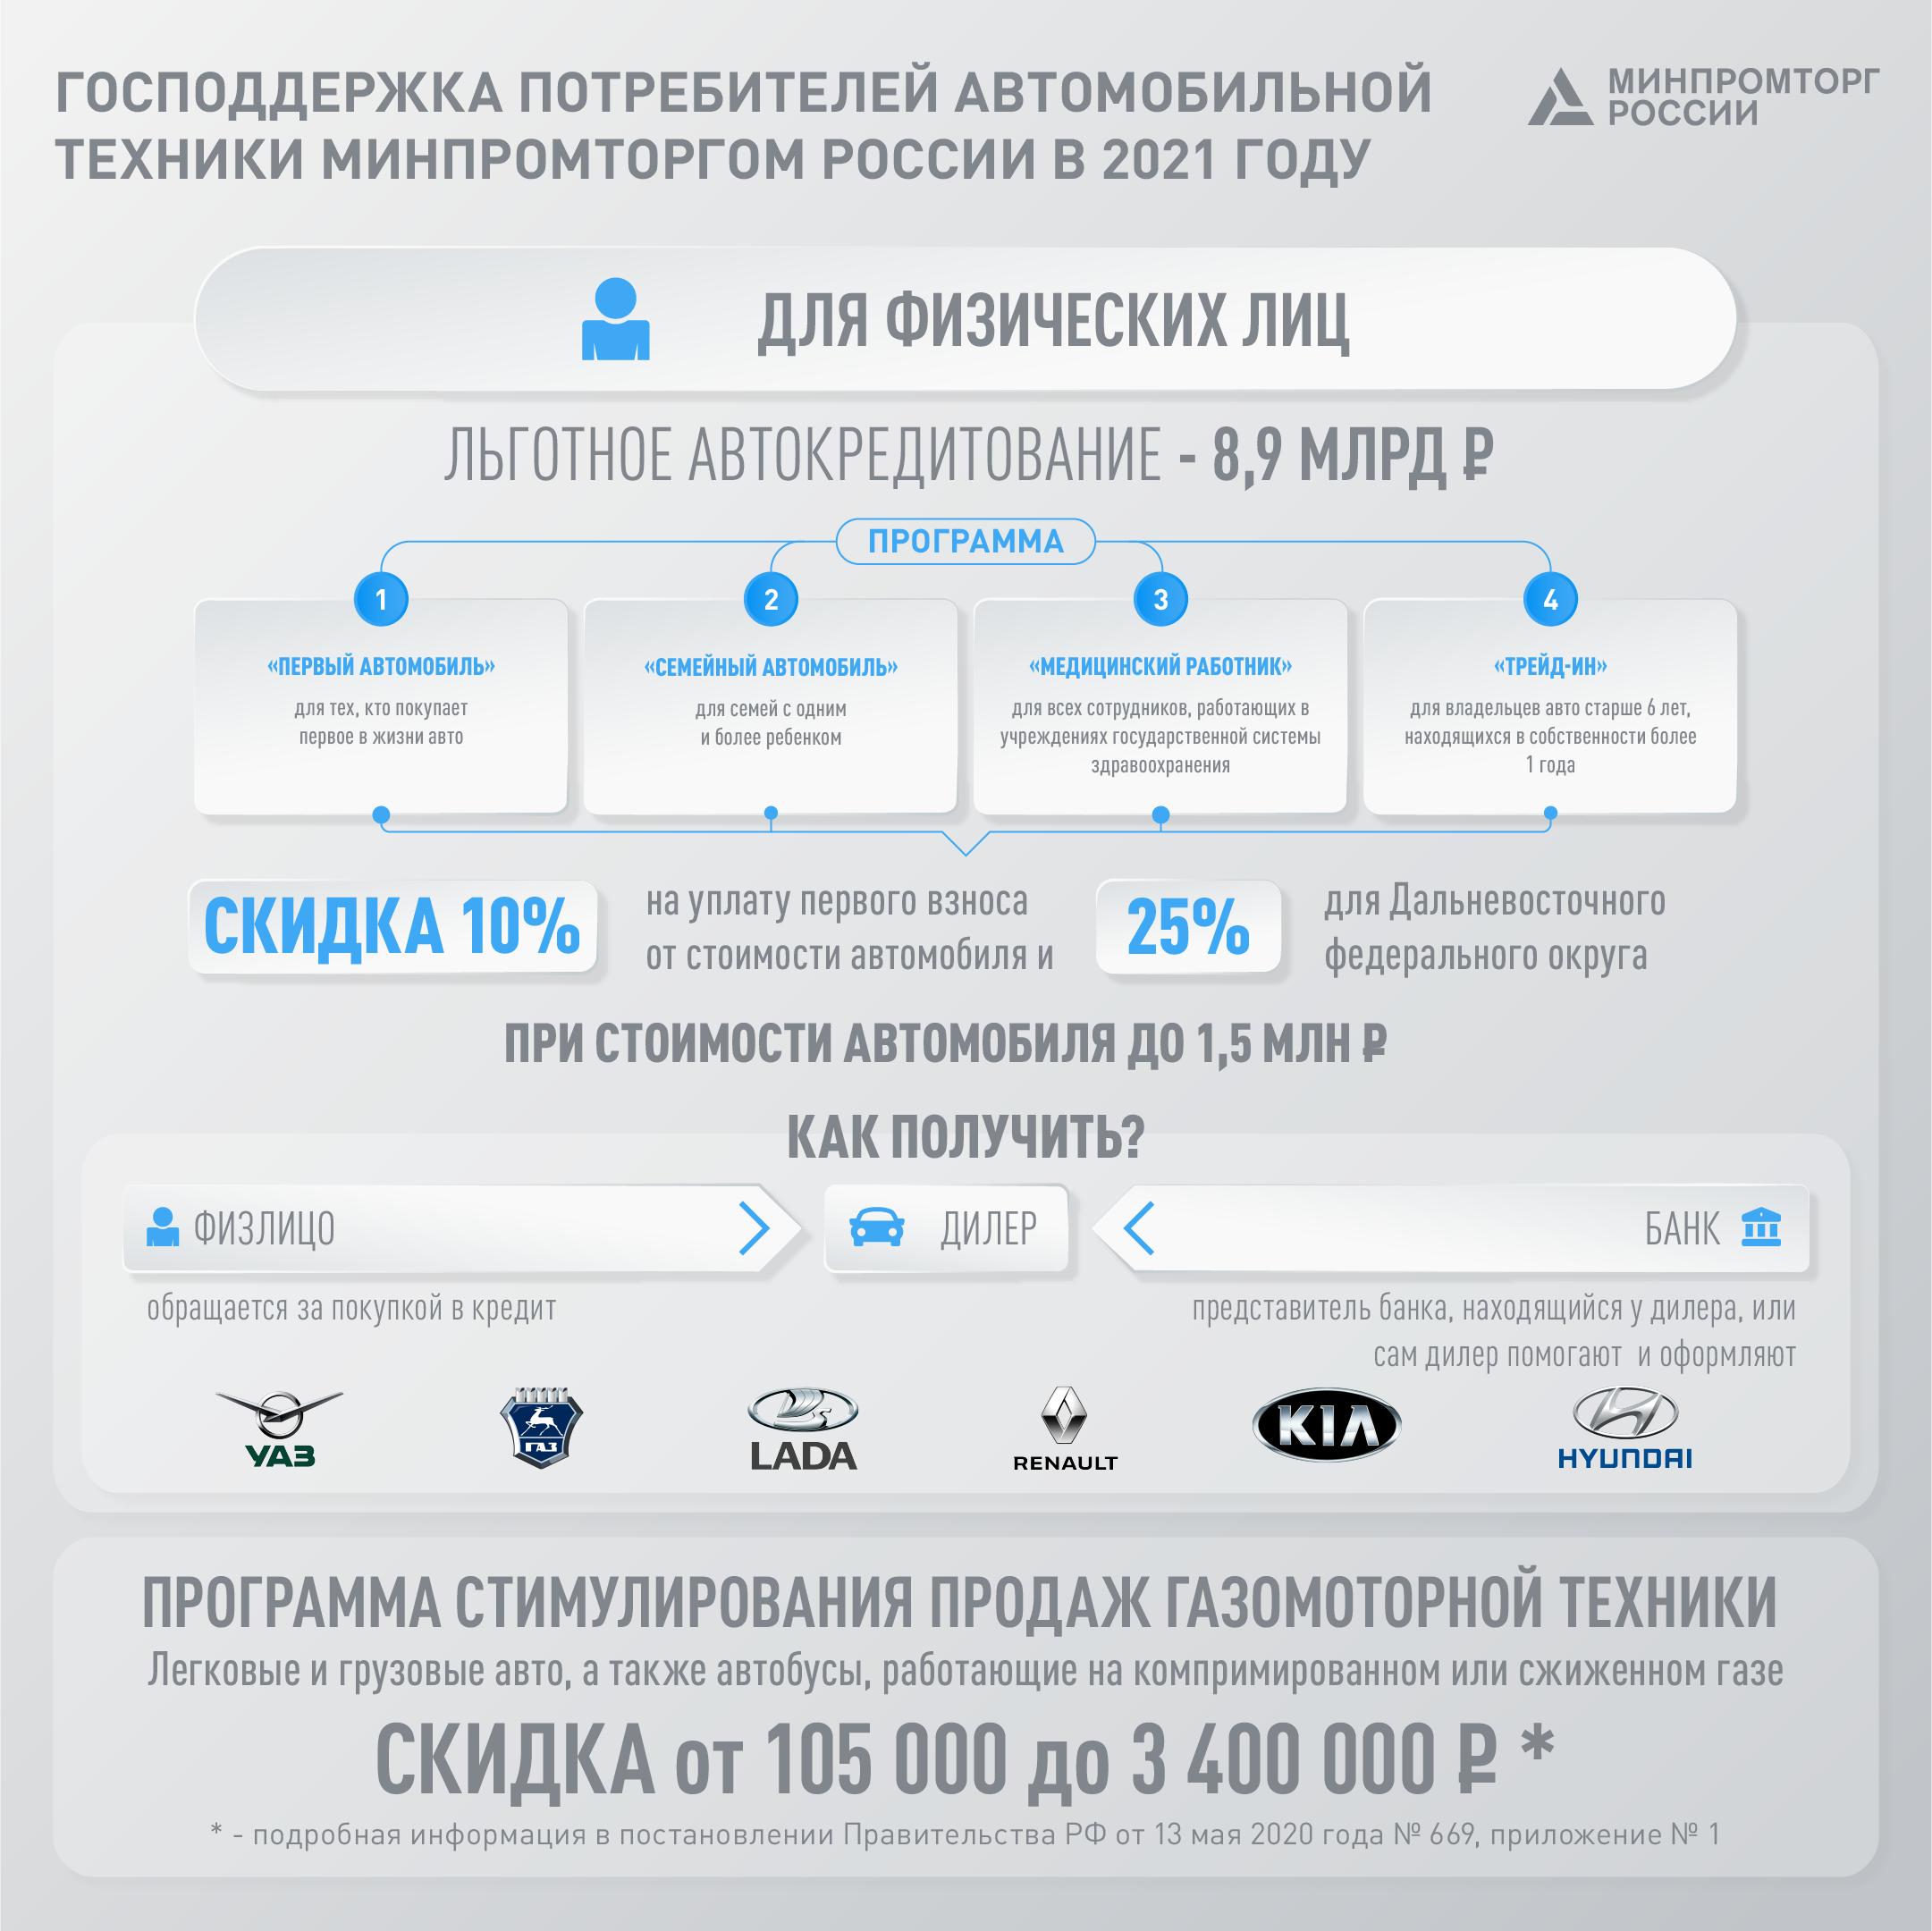 Правительство России направит свыше 16 миллиардов рублей, чтобы стимулировать спрос на авто 2